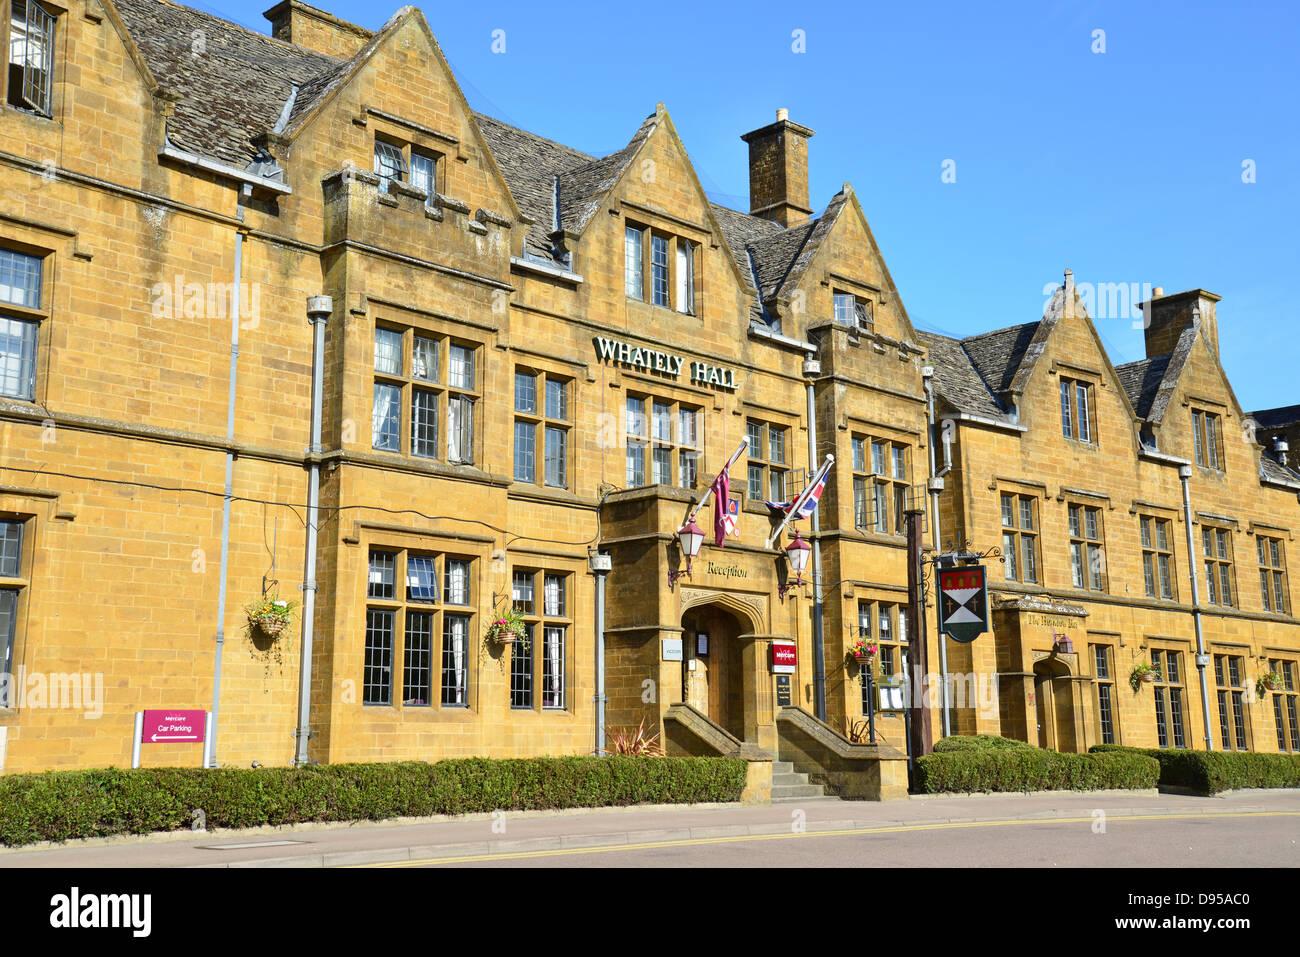 Mercure Banbury Whately Hall Hotel, Horse Fair, Banbury, Oxfordshire, England, United Kingdom - Stock Image